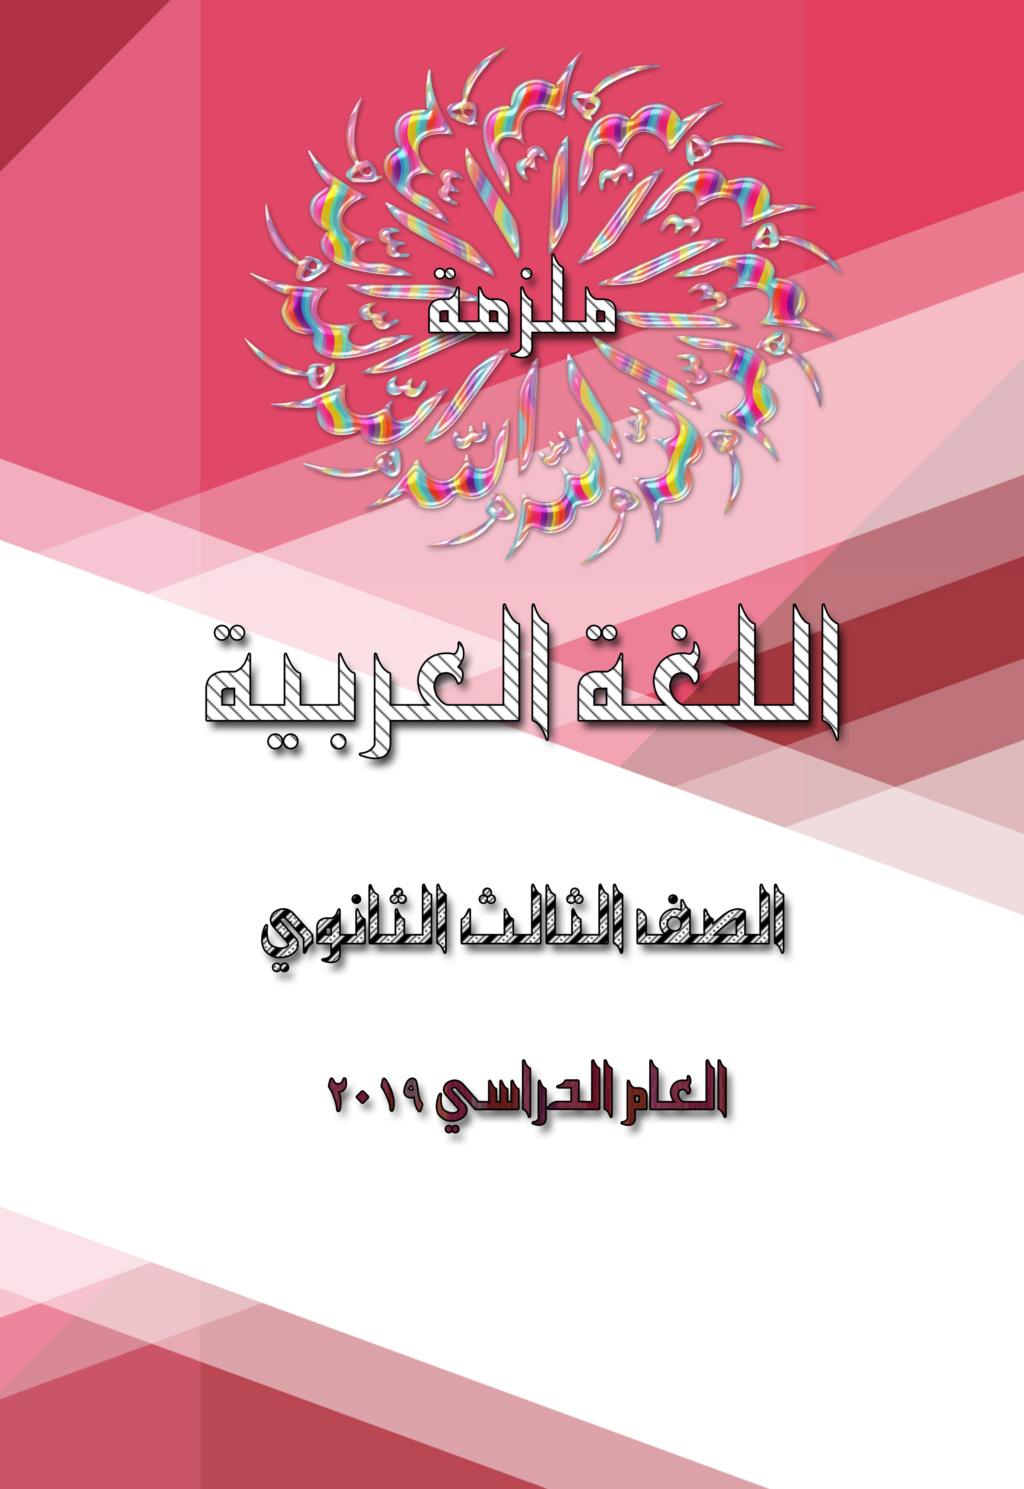 أغلفة مذكرات وملازم لغة عربية 2020تشكيلة Ao_ooo17